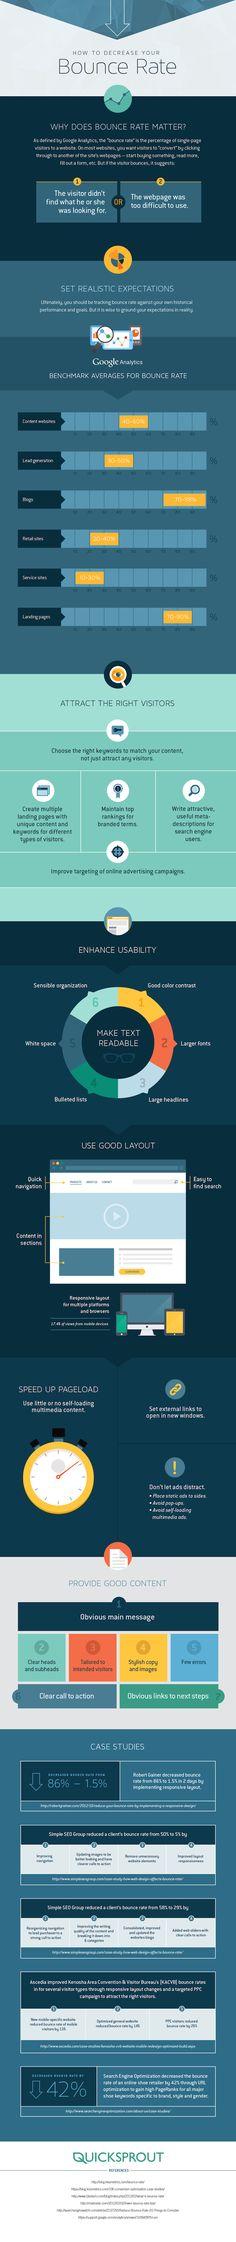 Cómo reducir el porcentaje de abandono de un sitio web (infografía) - Ecommerce News